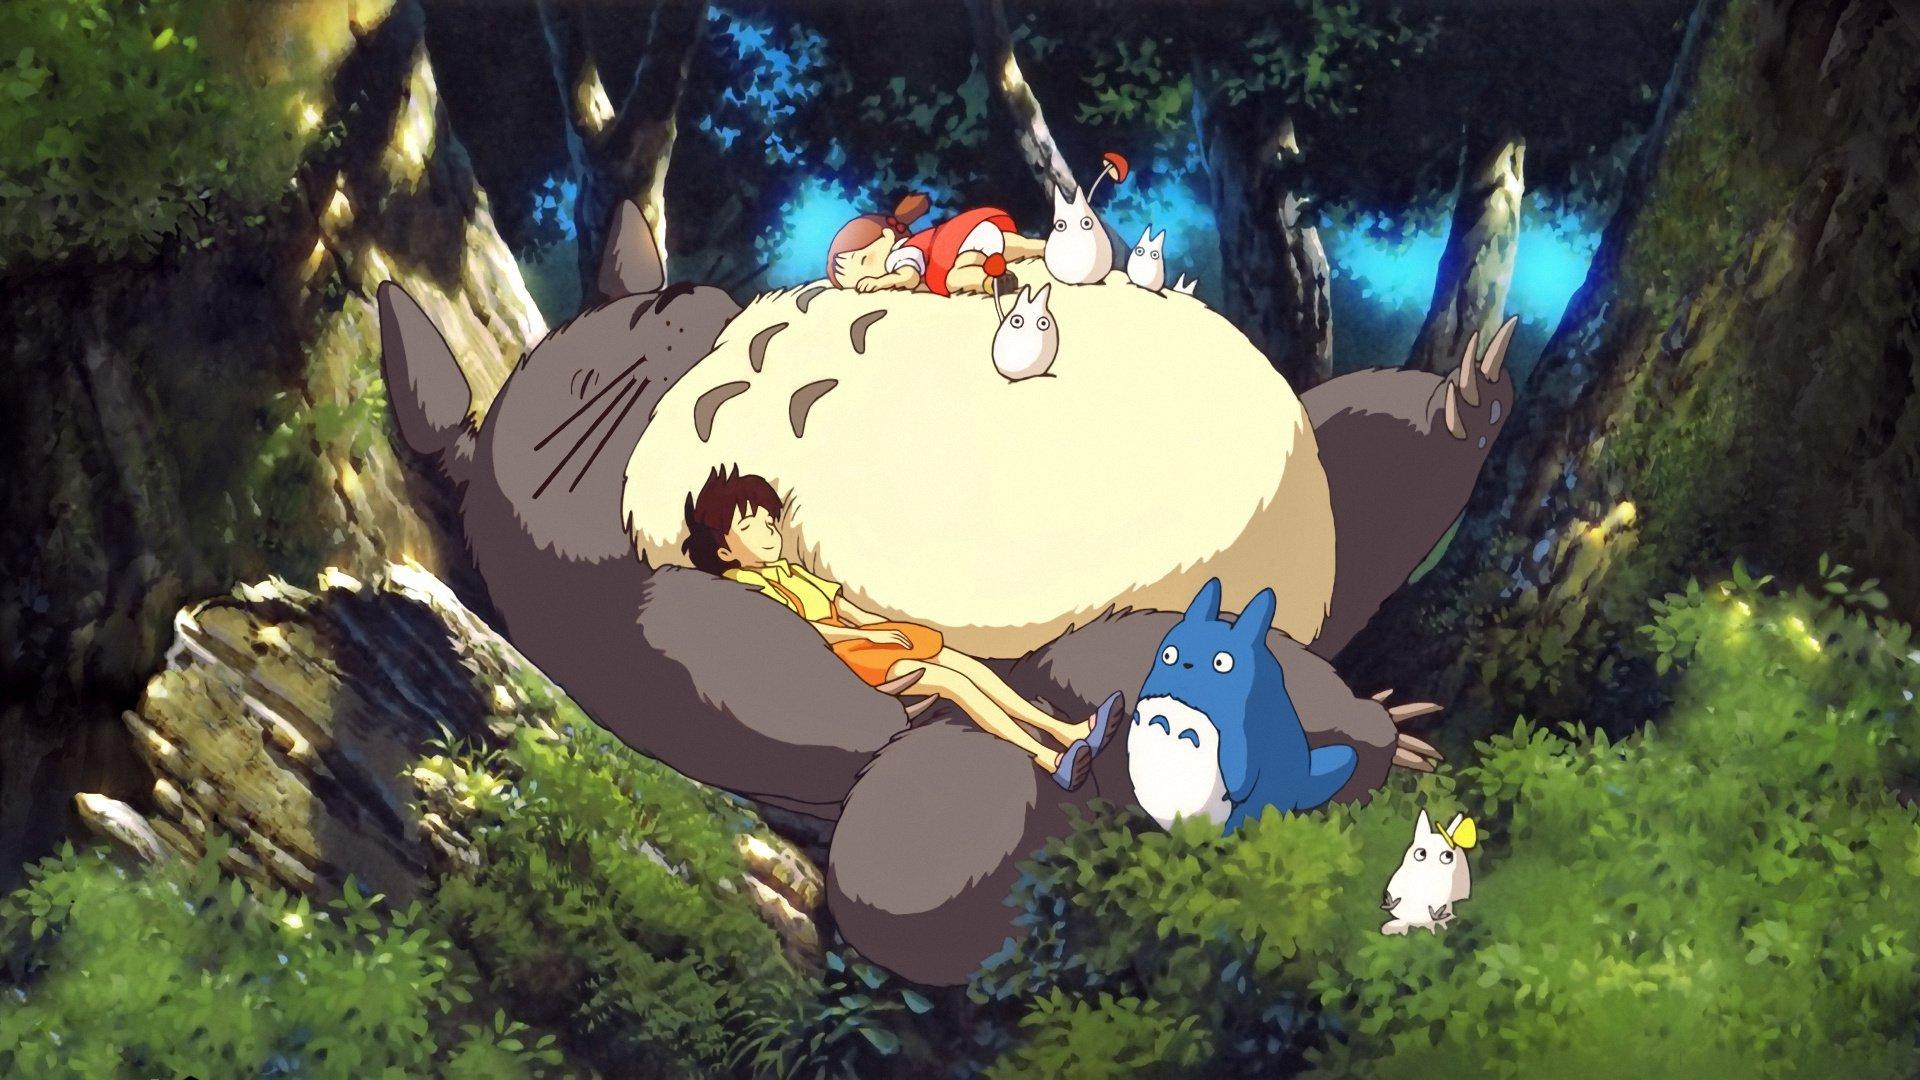 Развлекательный парк студии «Ghibli» появится вЯпонии